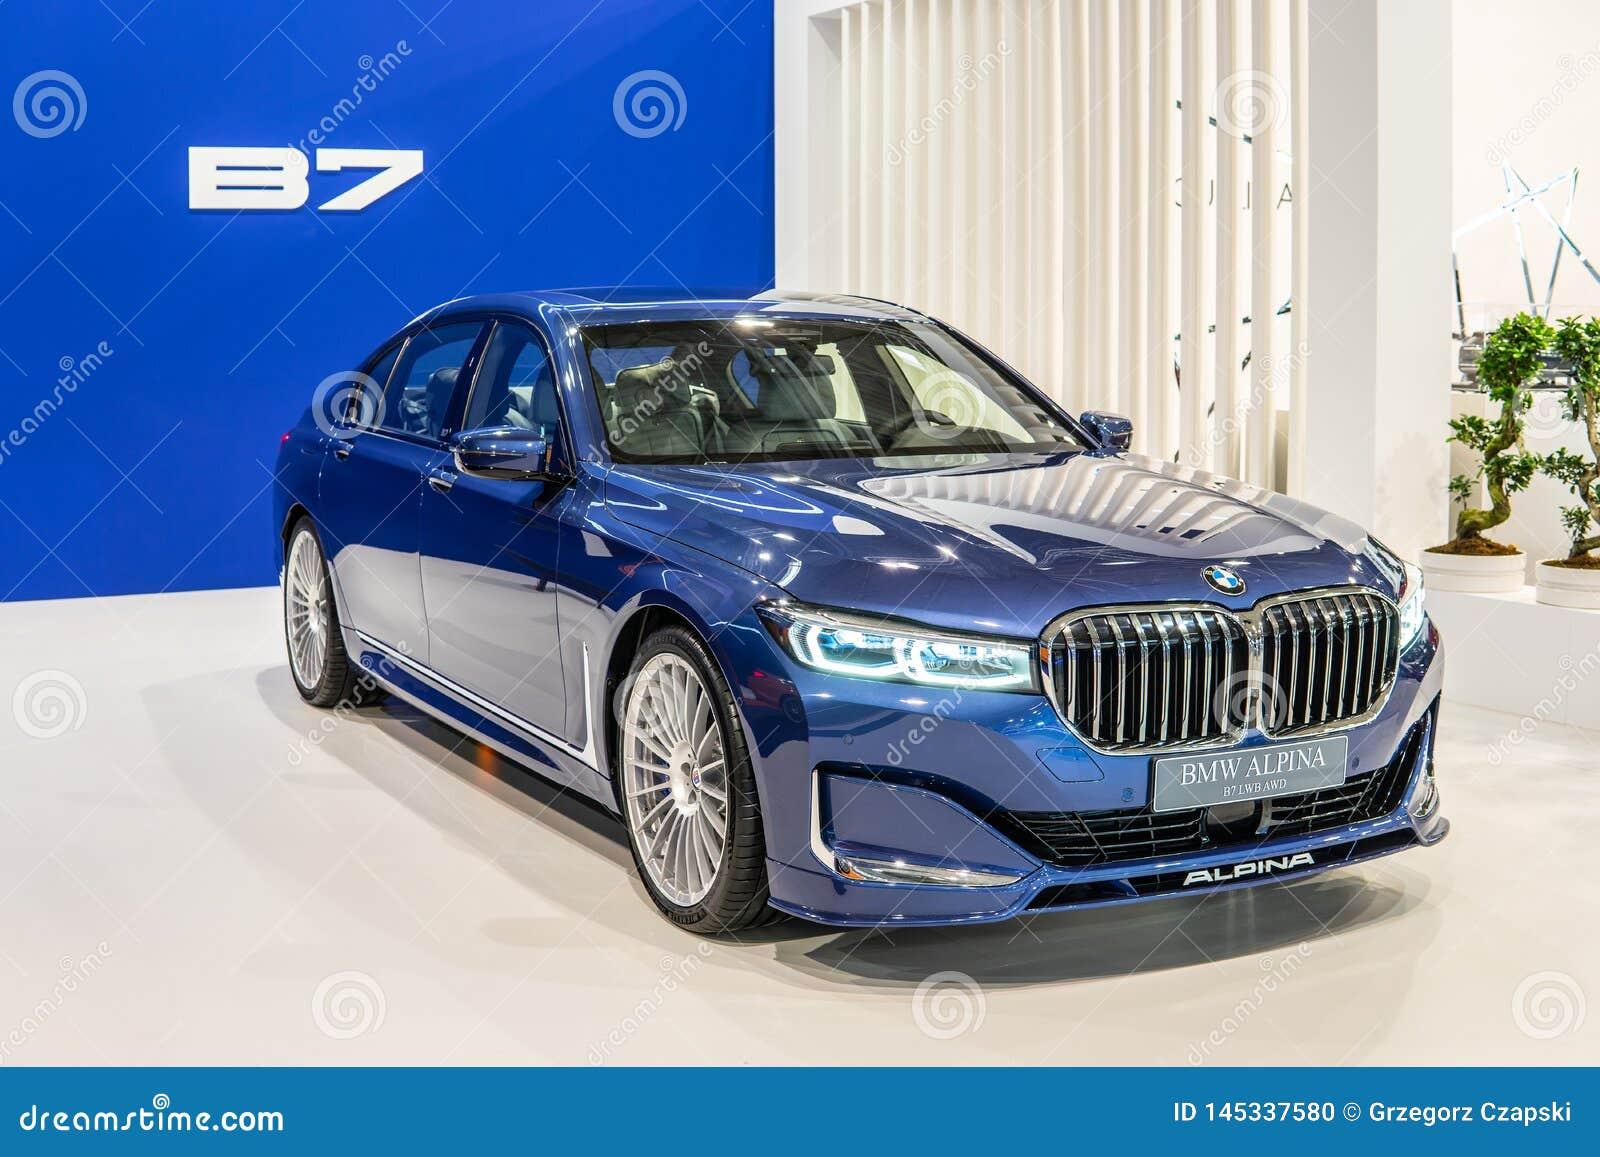 BMW ALPINA B7 BITURBO, Alpina Burkard Bovensiepen Gmbh ontwikkelt en verkoopt krachtige versies van BMW-auto s